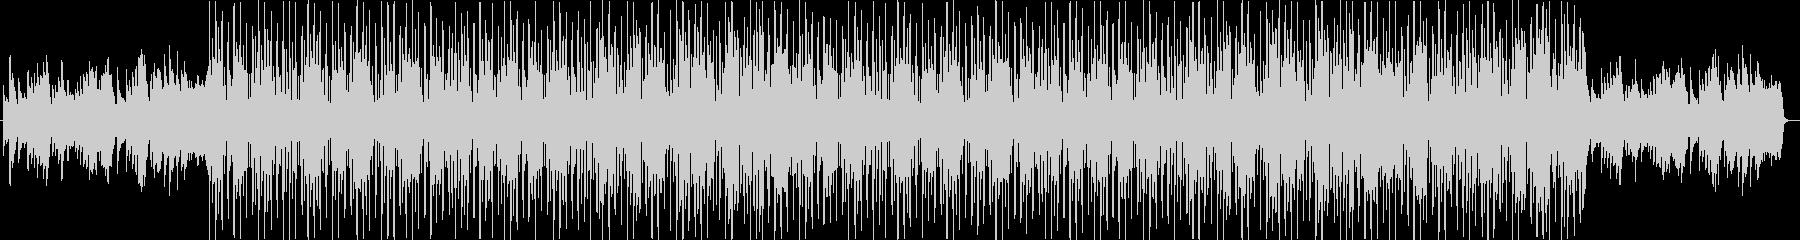 切ないクラシックなリズムトラックの未再生の波形